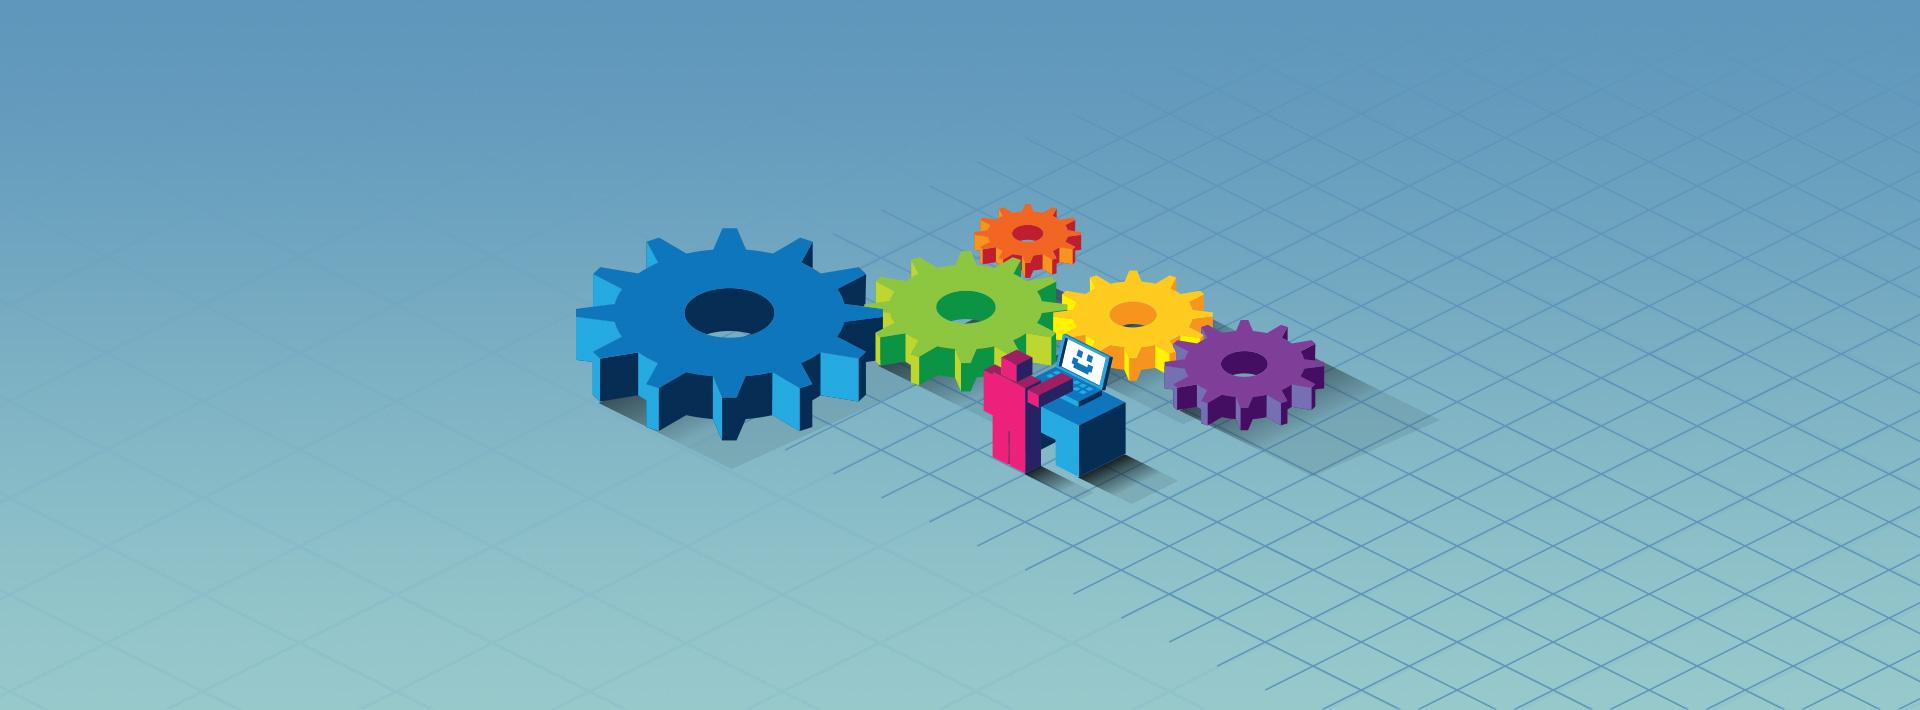 JunoContent is gespecialiseerd in het analyseren, modelleren en implementeren van uw processen